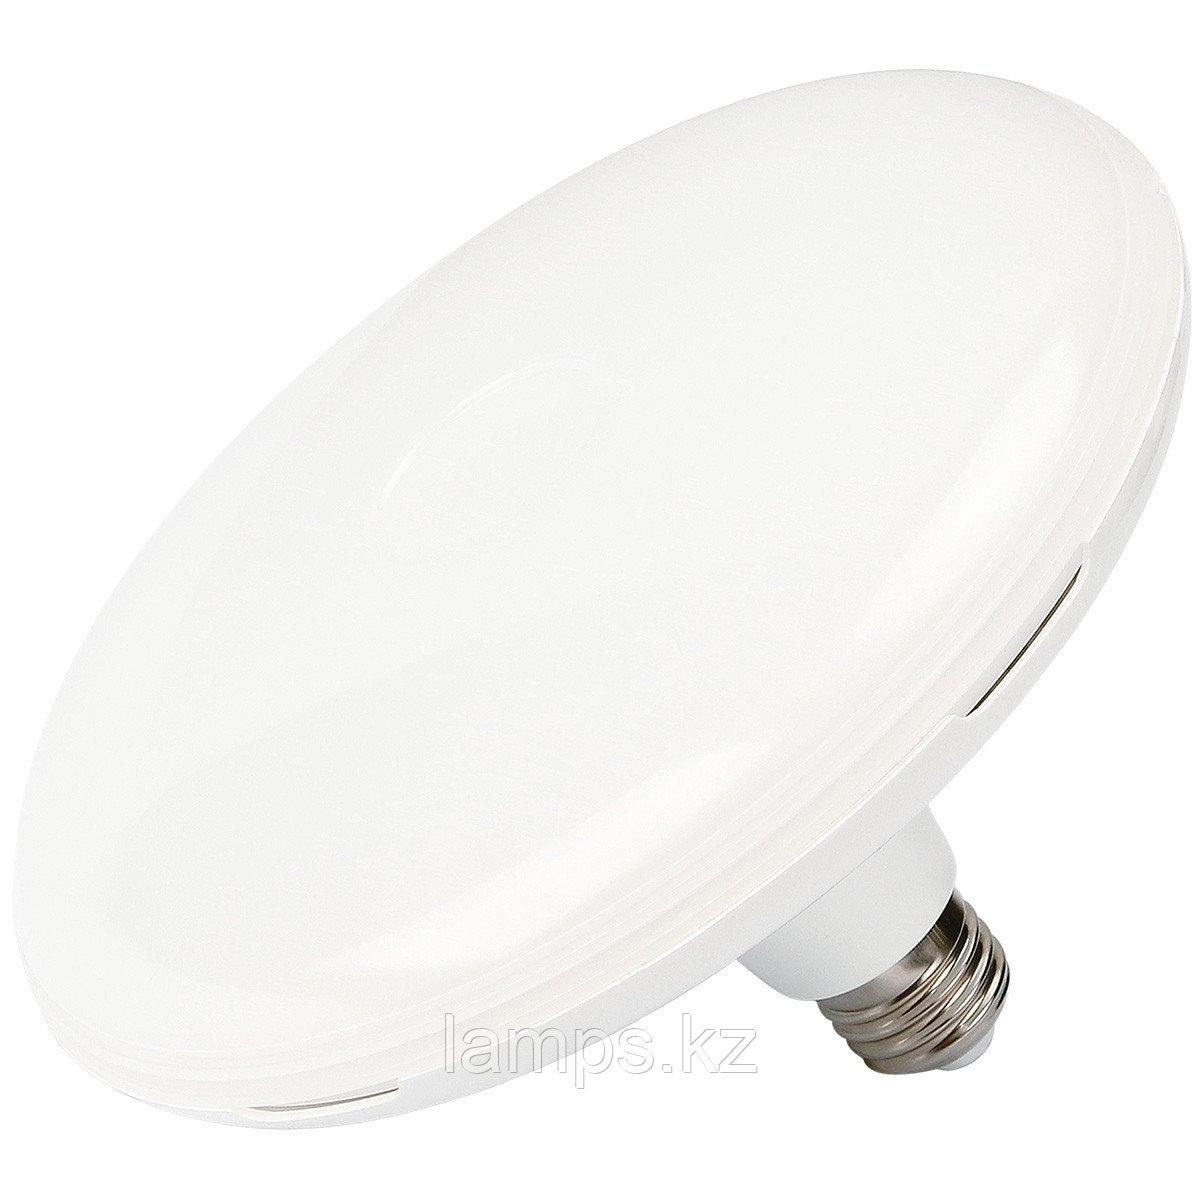 Светодиодная лампа LED MB45 40W E27 5700-6000K